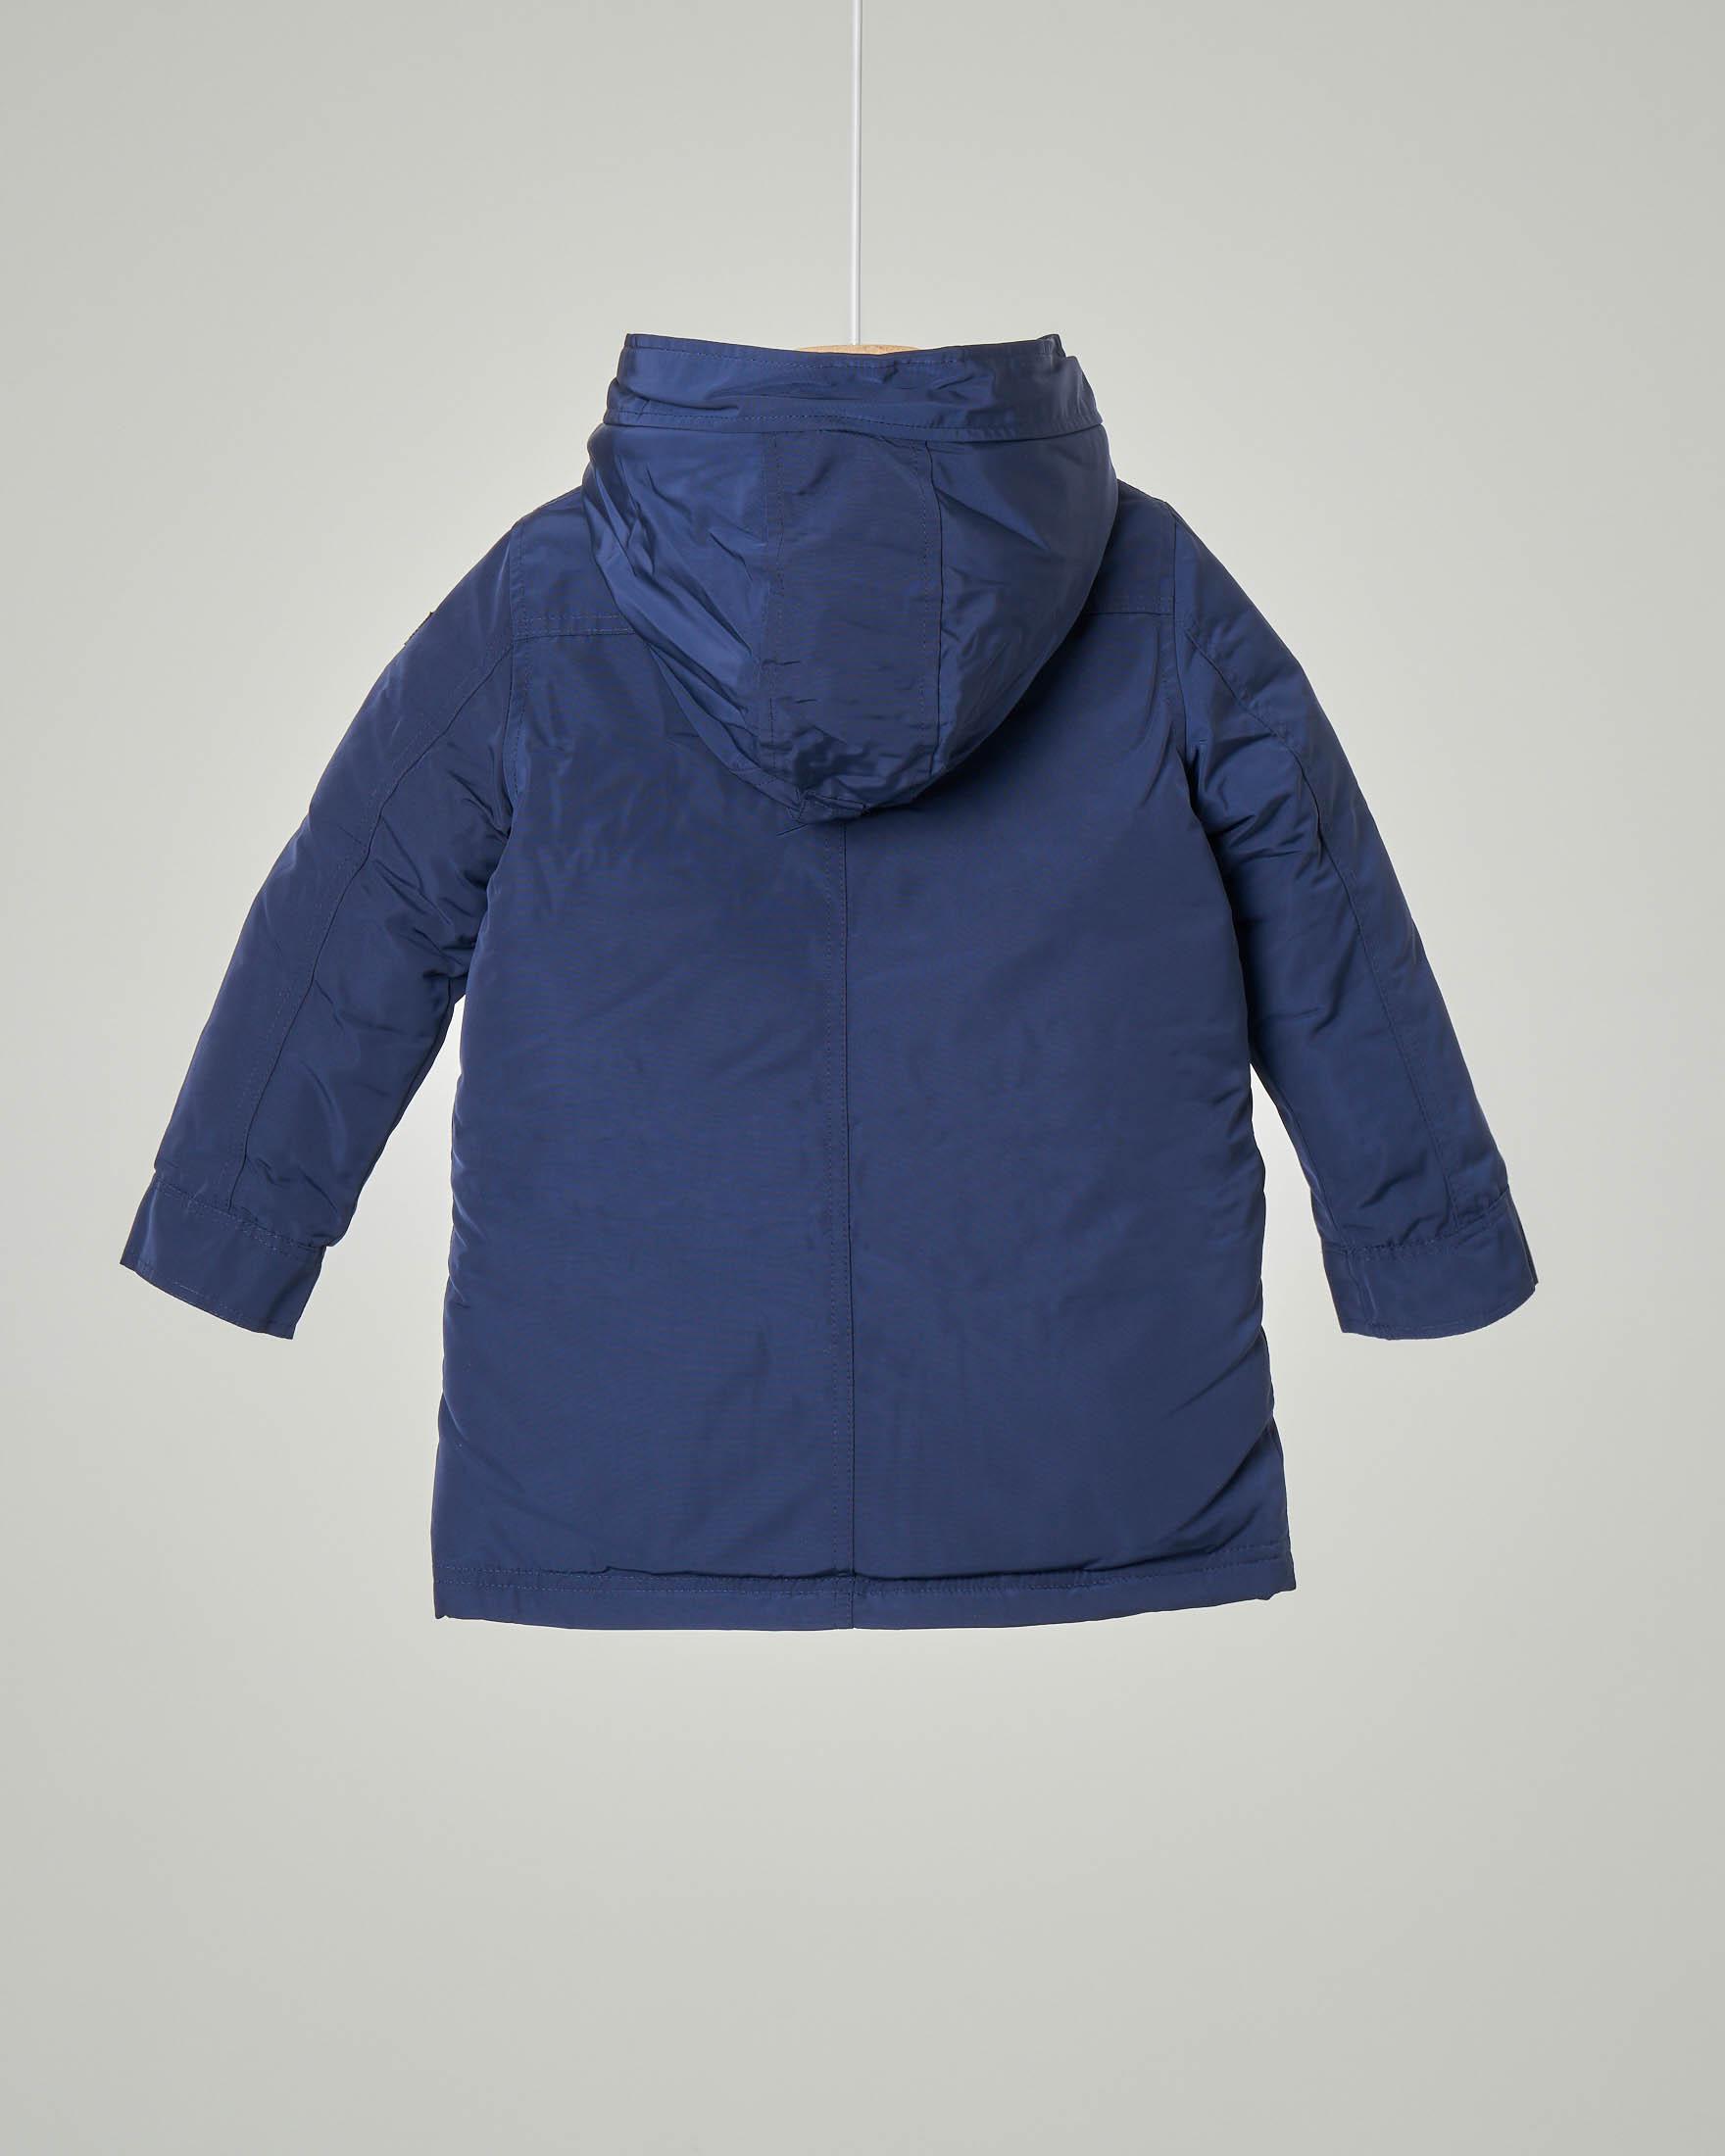 Parka blu imbottito in piuma con cappuccio fisso 3-7 anni